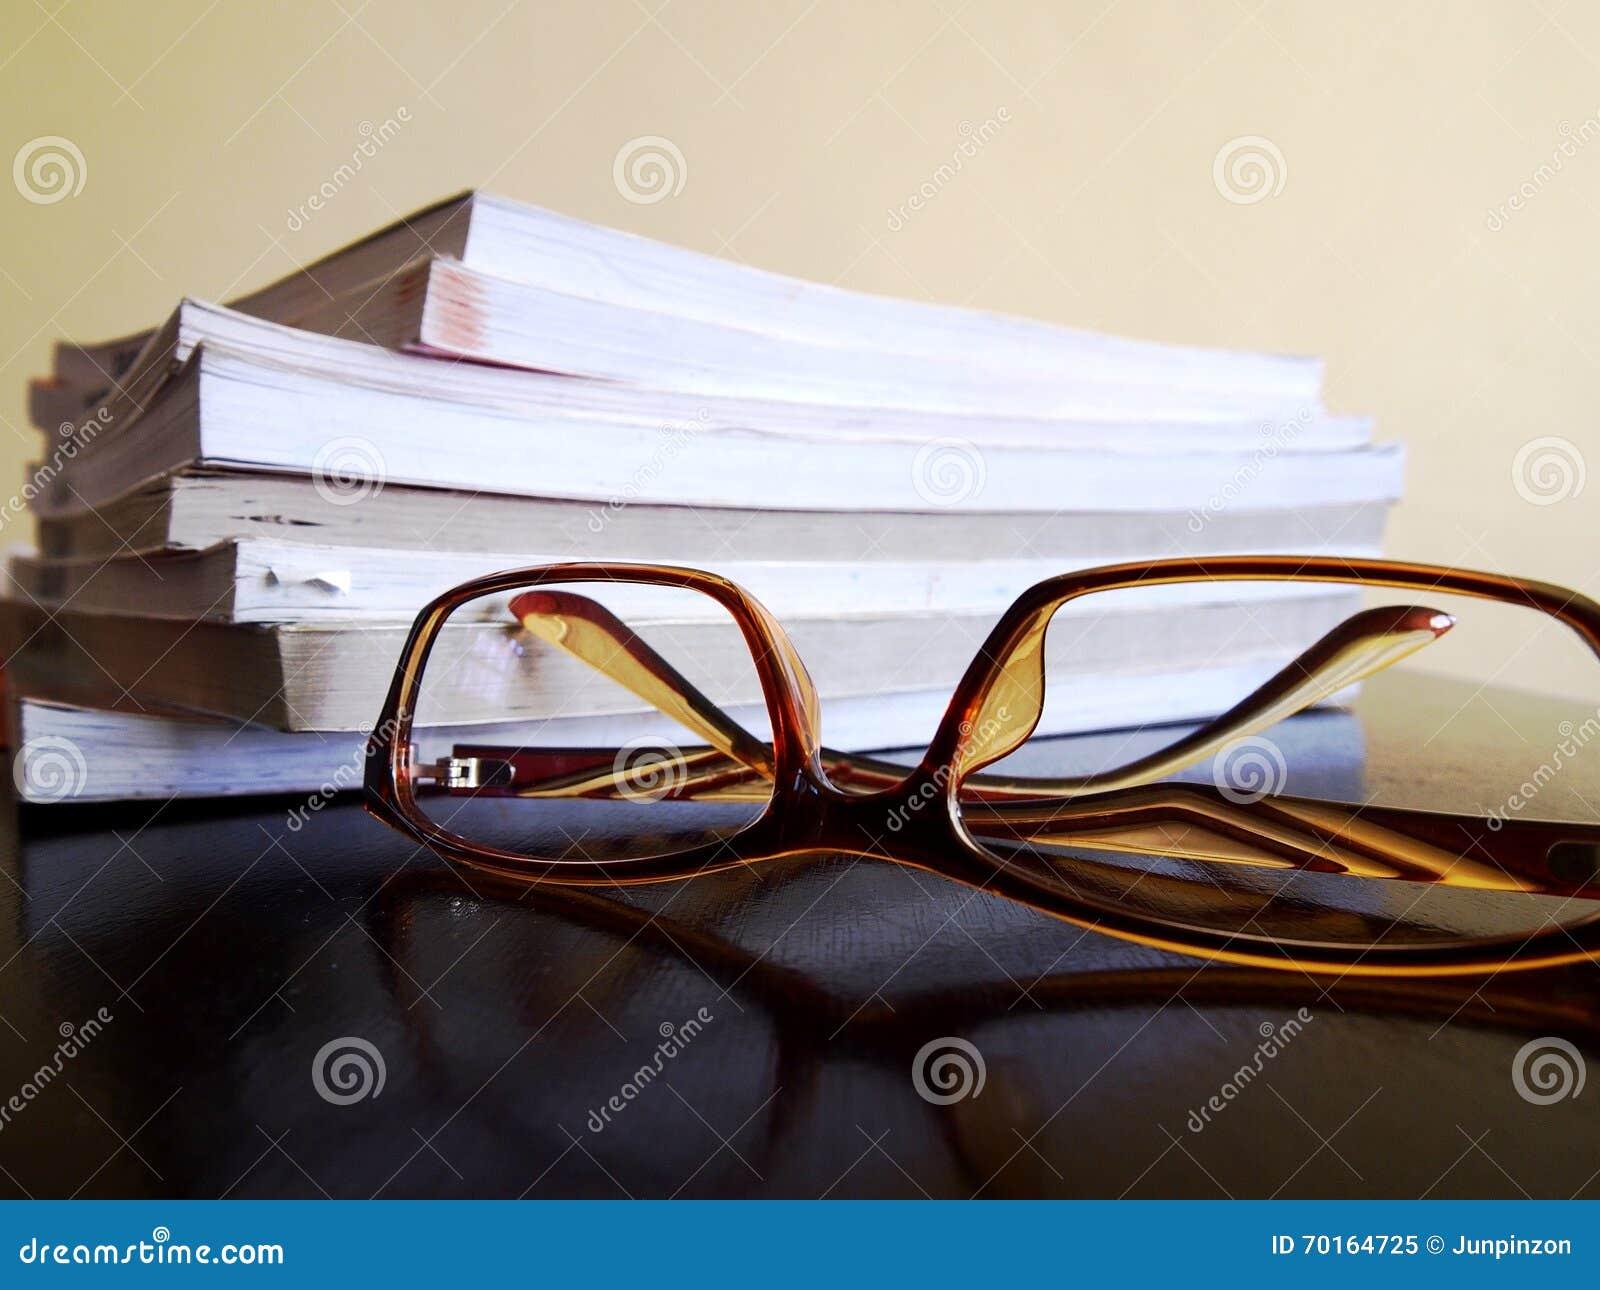 Stapel von Büchern und ein Paar Brillen